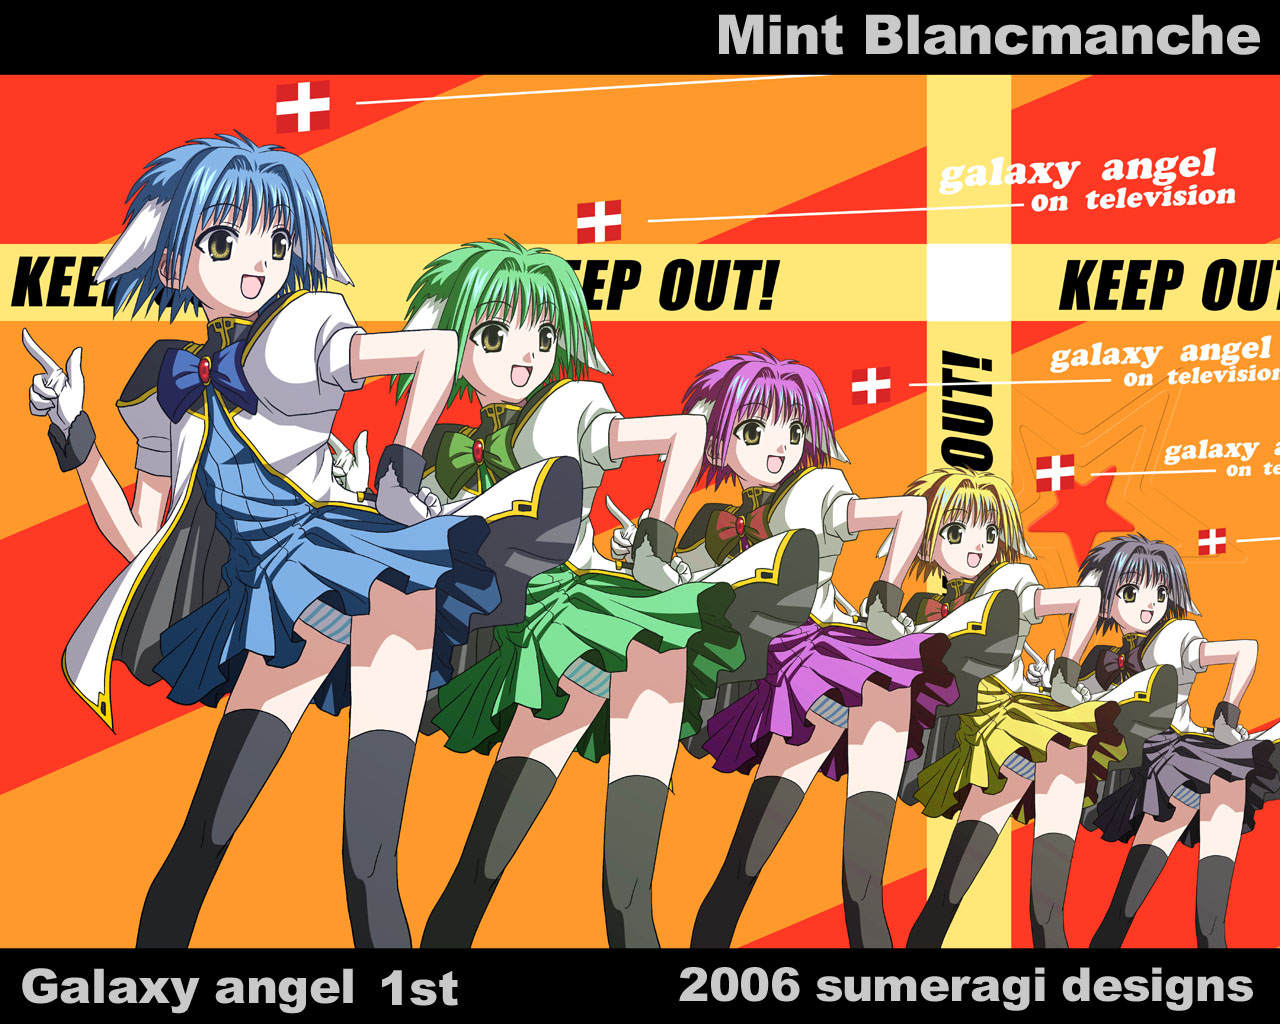 blue_hair galaxy_angel galaxy_angel_rune mint_blancmanche